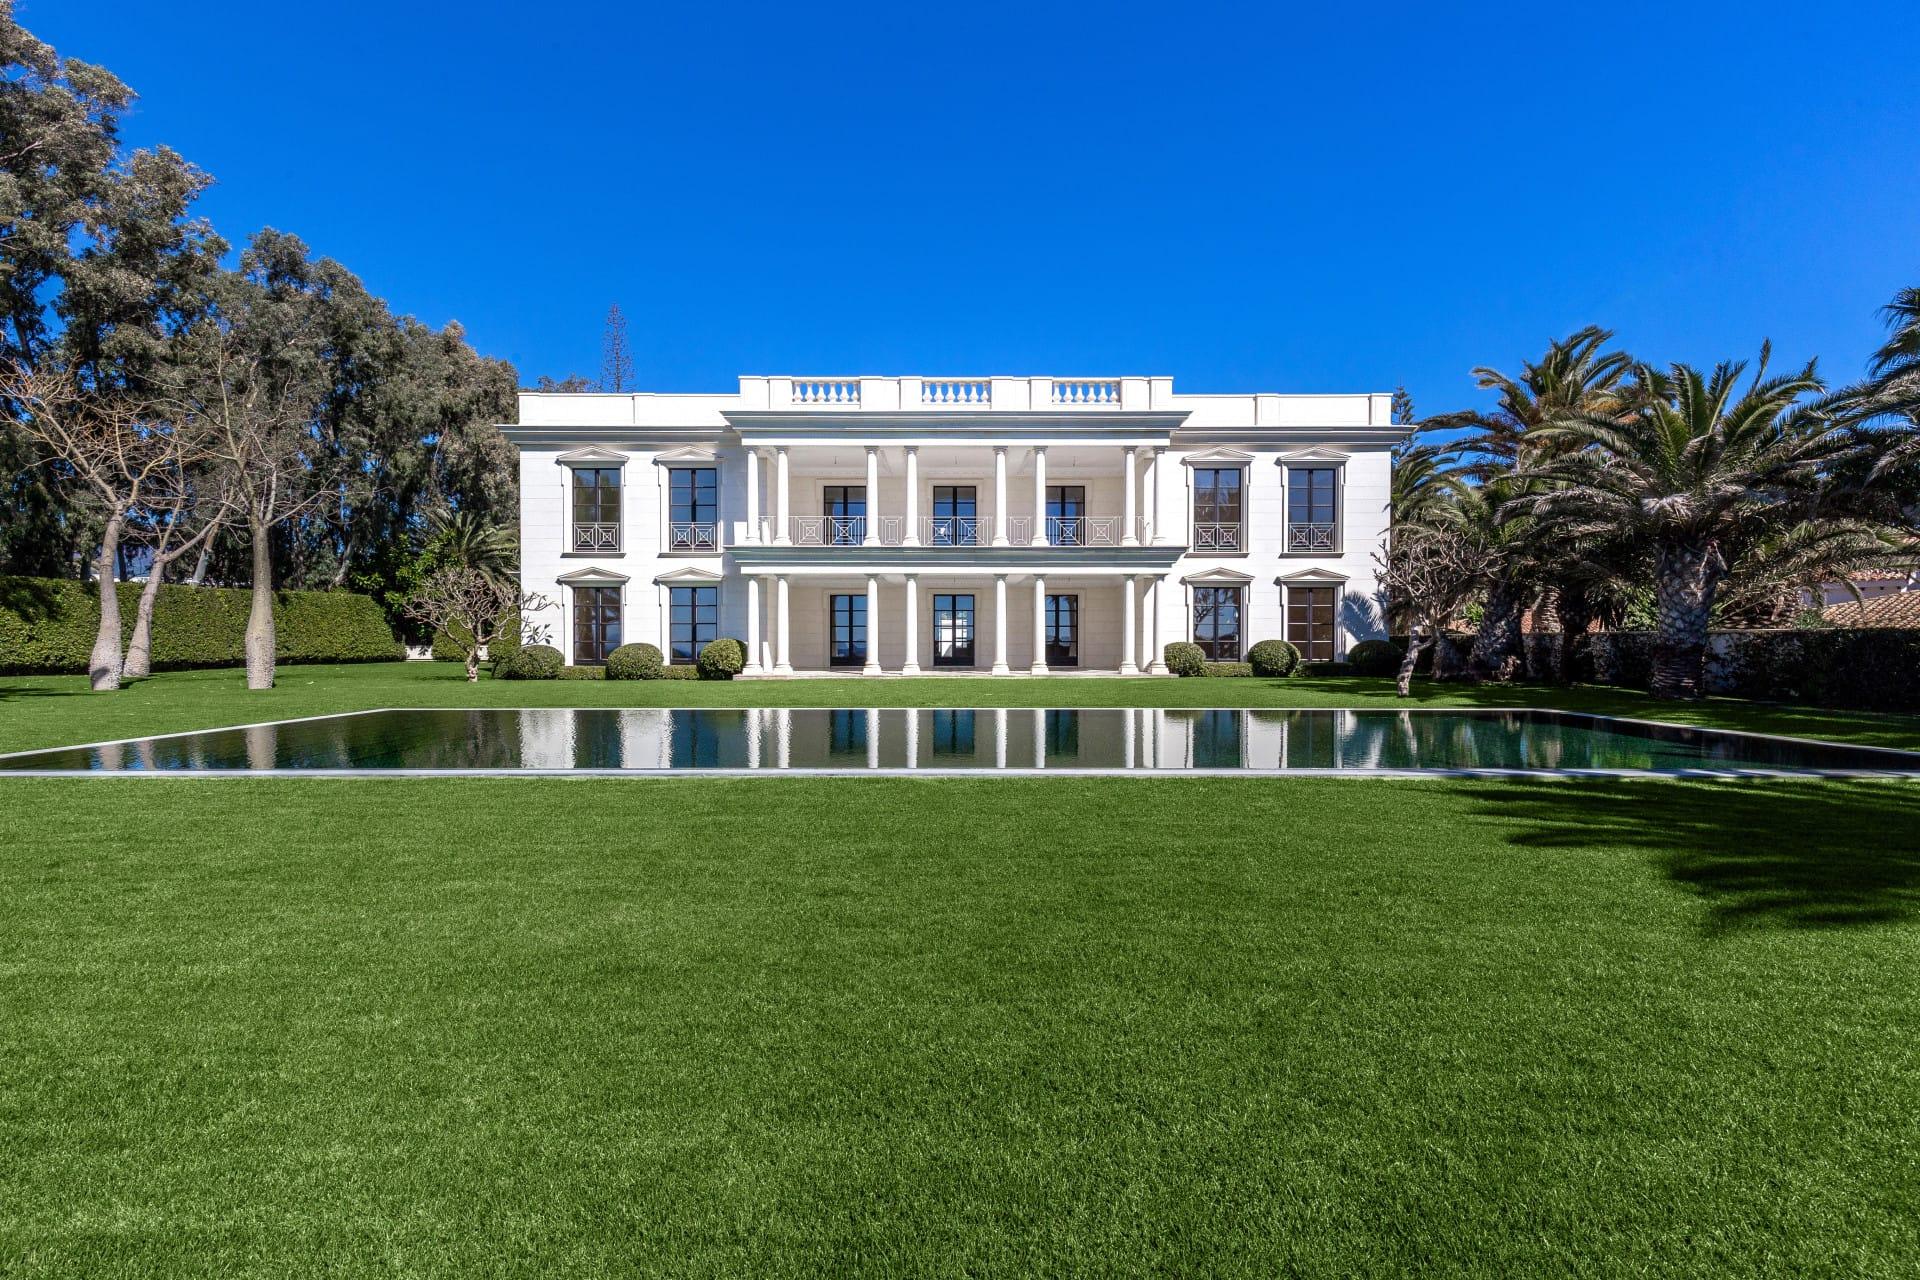 Imponente Villa frente al mar en Guadalmina Baja